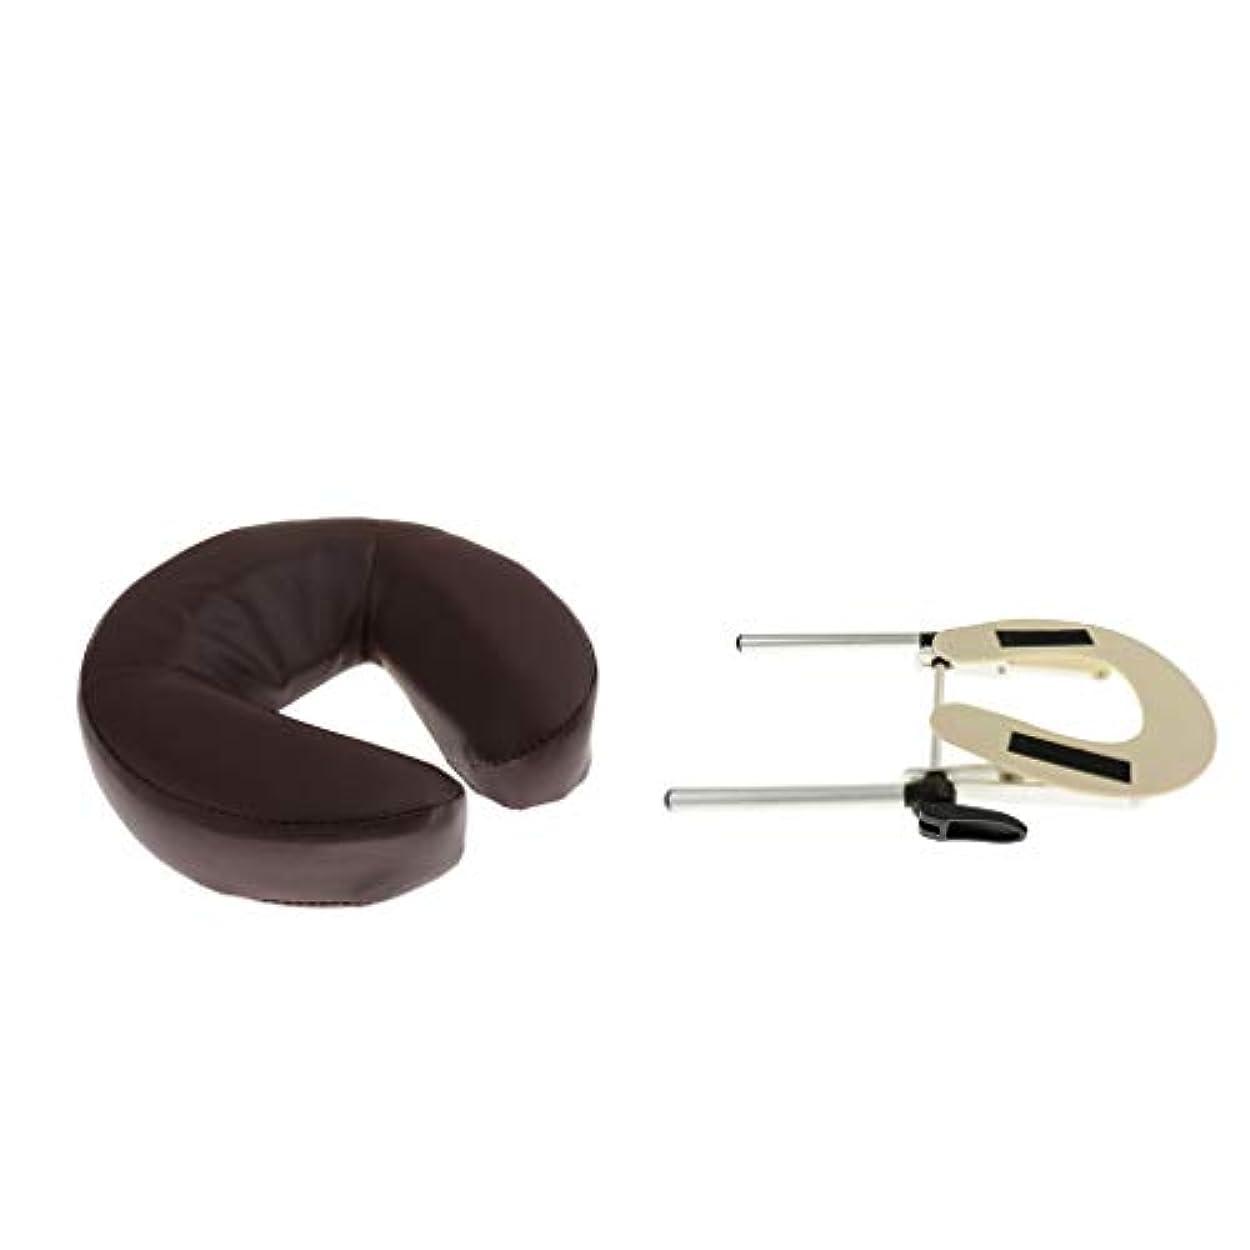 実り多いあご項目Hellery フェイスクレードルクッション フェイスダウン枕 耐久性 使いやすい